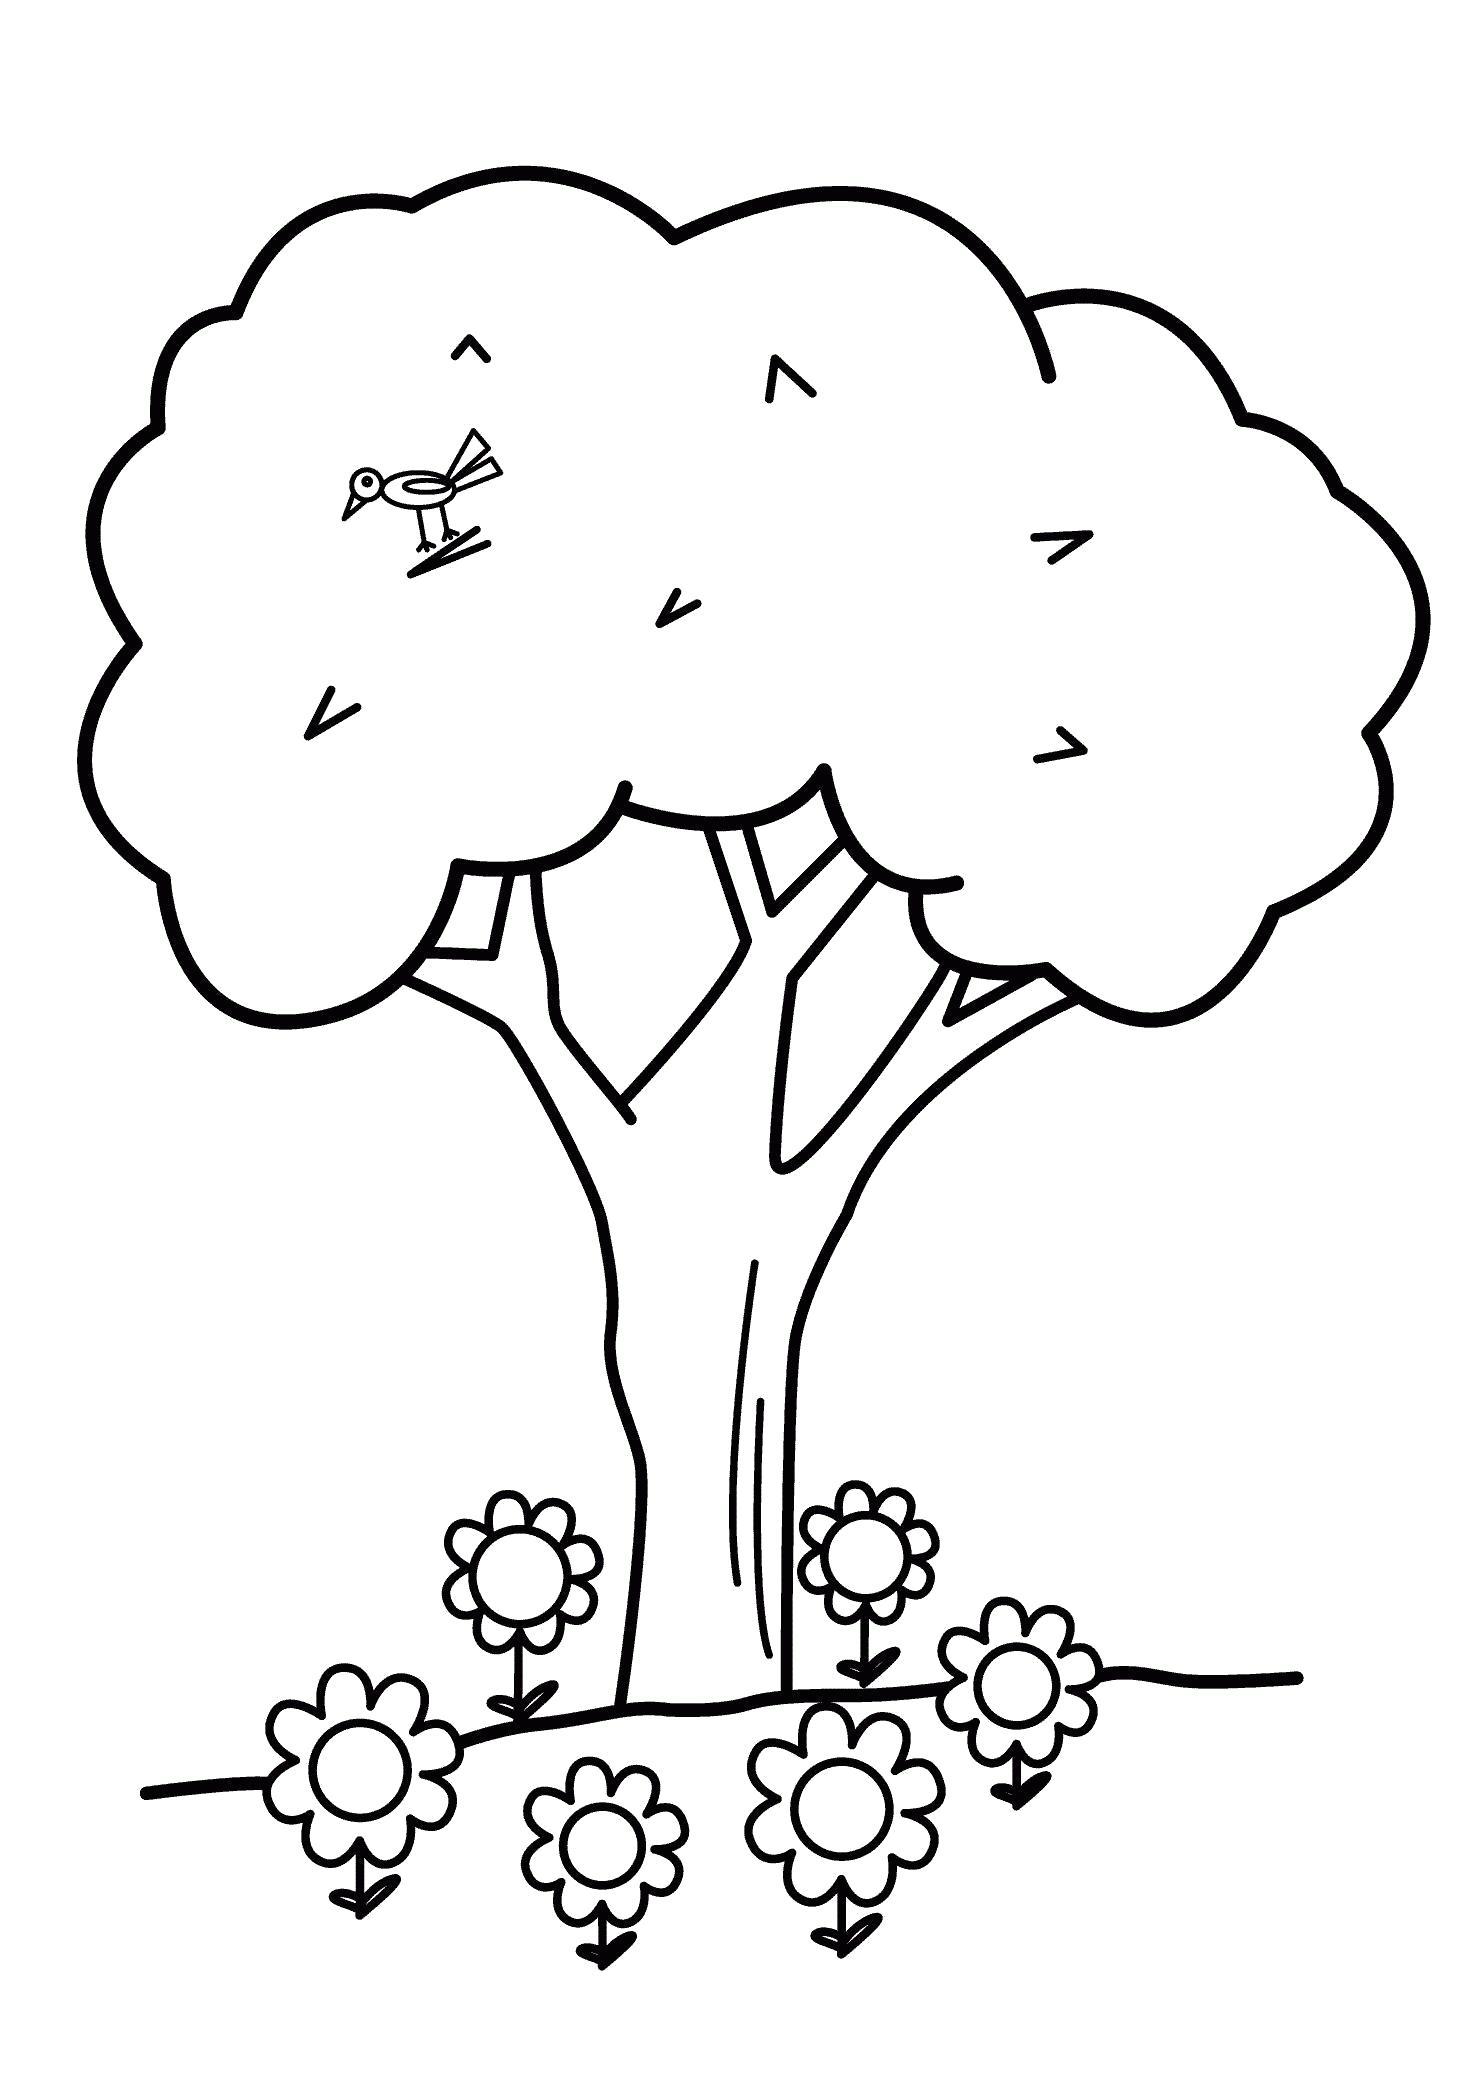 деревья для раскрашивания детям для начинающих